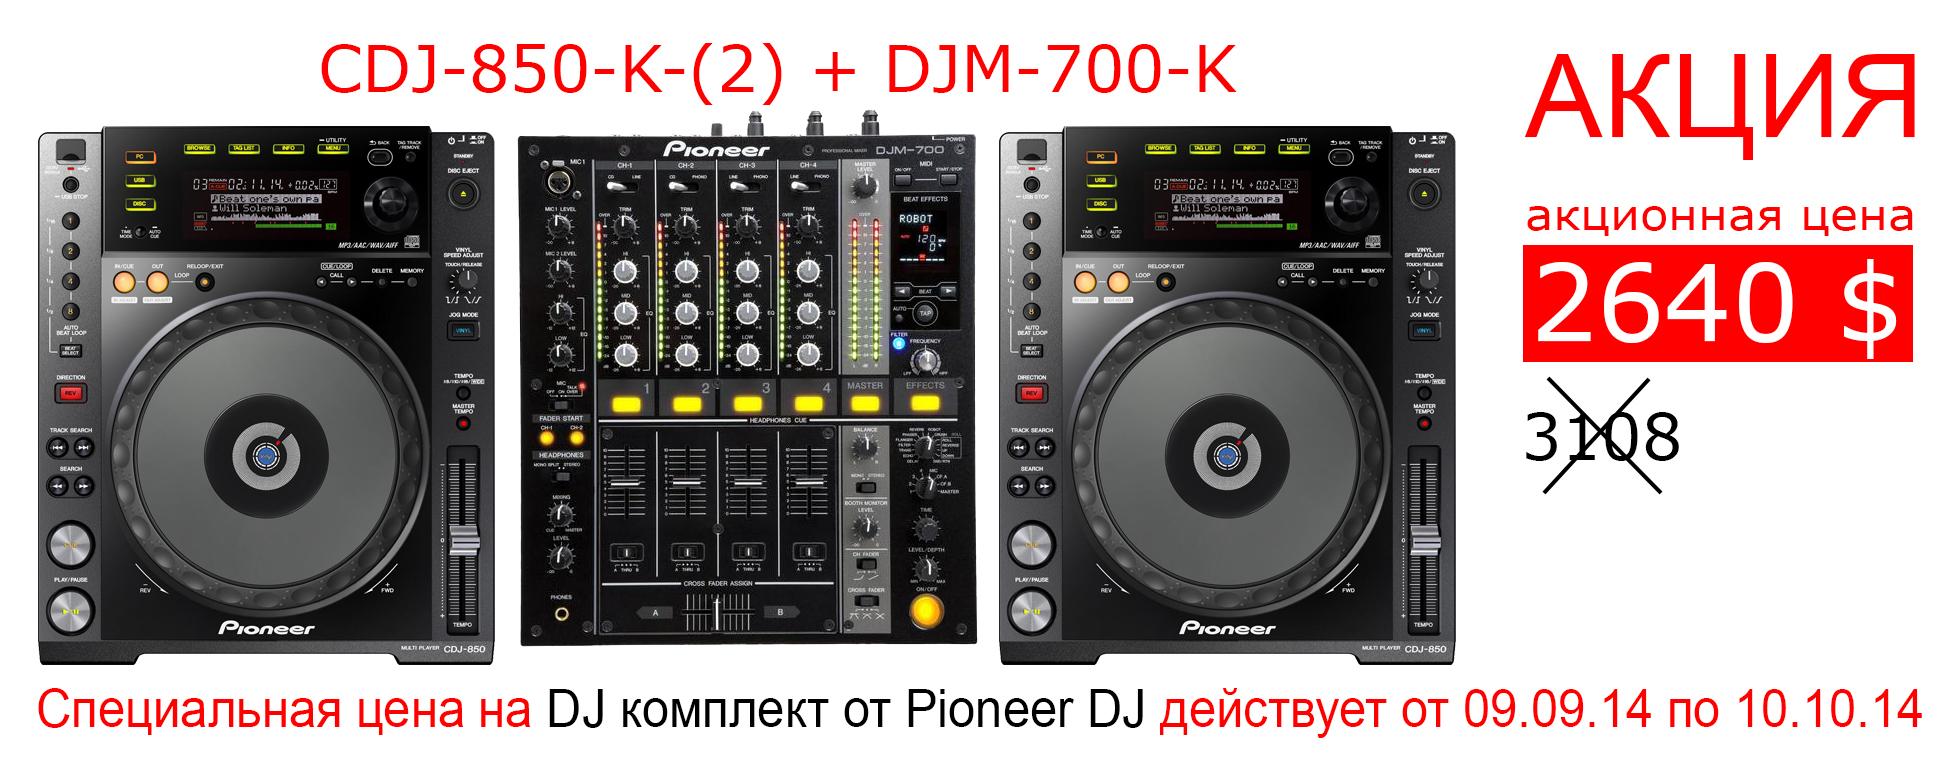 Акция от Pioneer DJ CDJ-850K (2) + DJM 700K по супер цене!